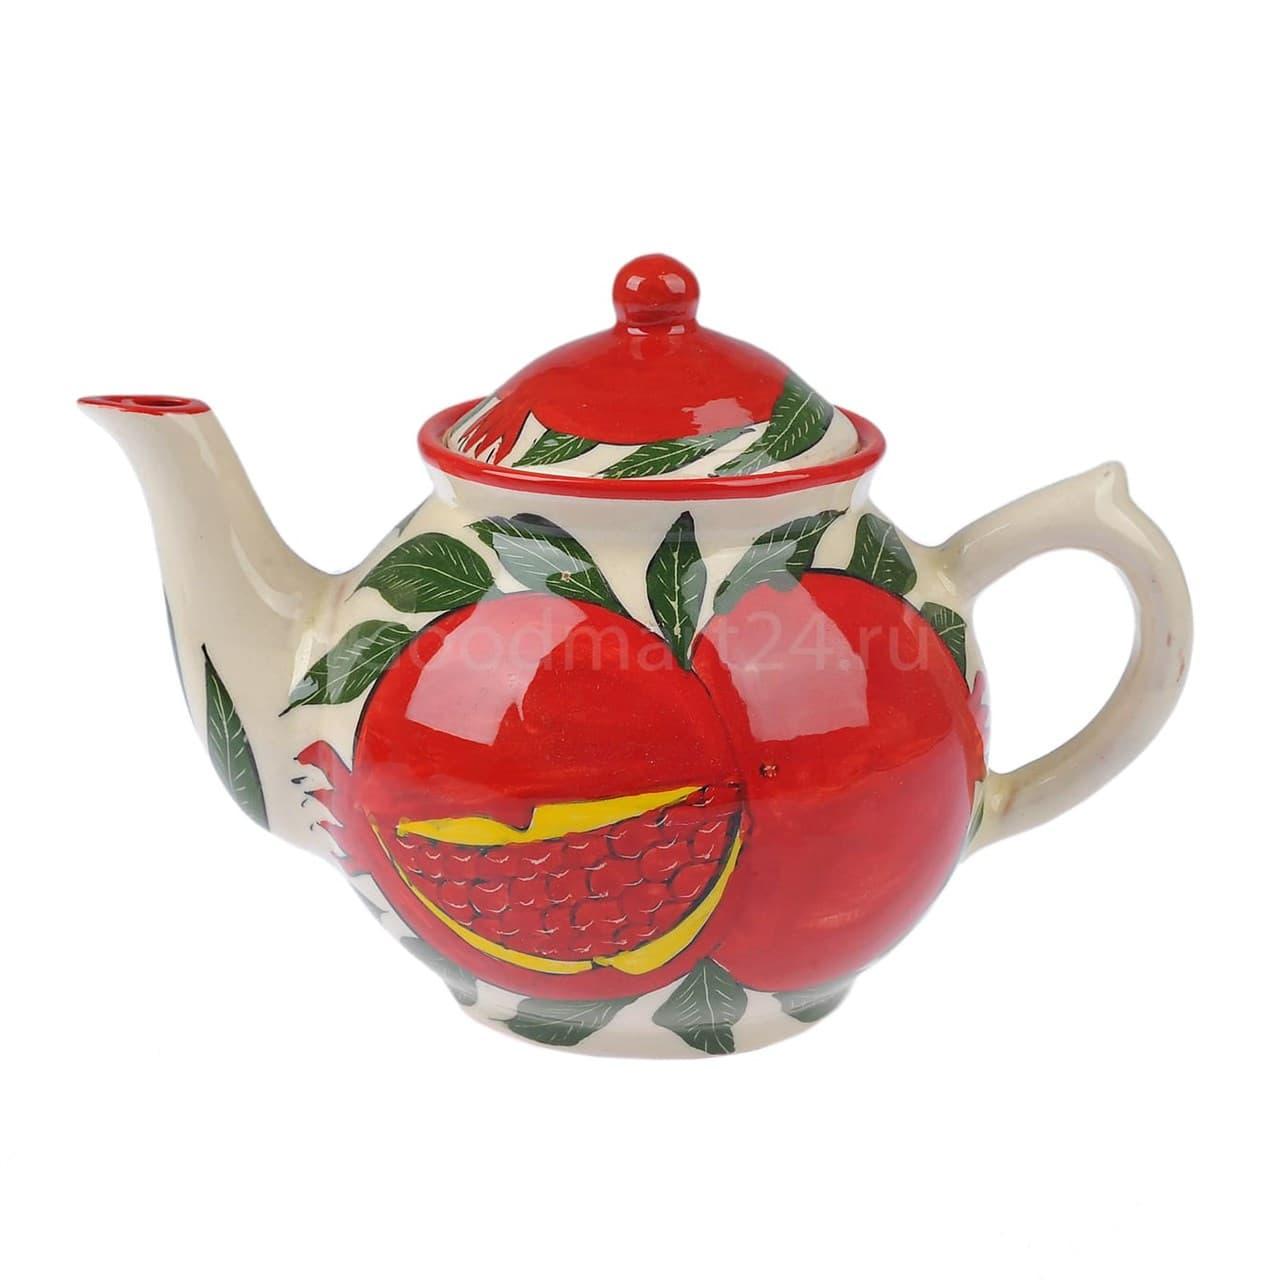 Набор чайный Риштанская Керамика, 9 предметов, Гранат - фото 9490